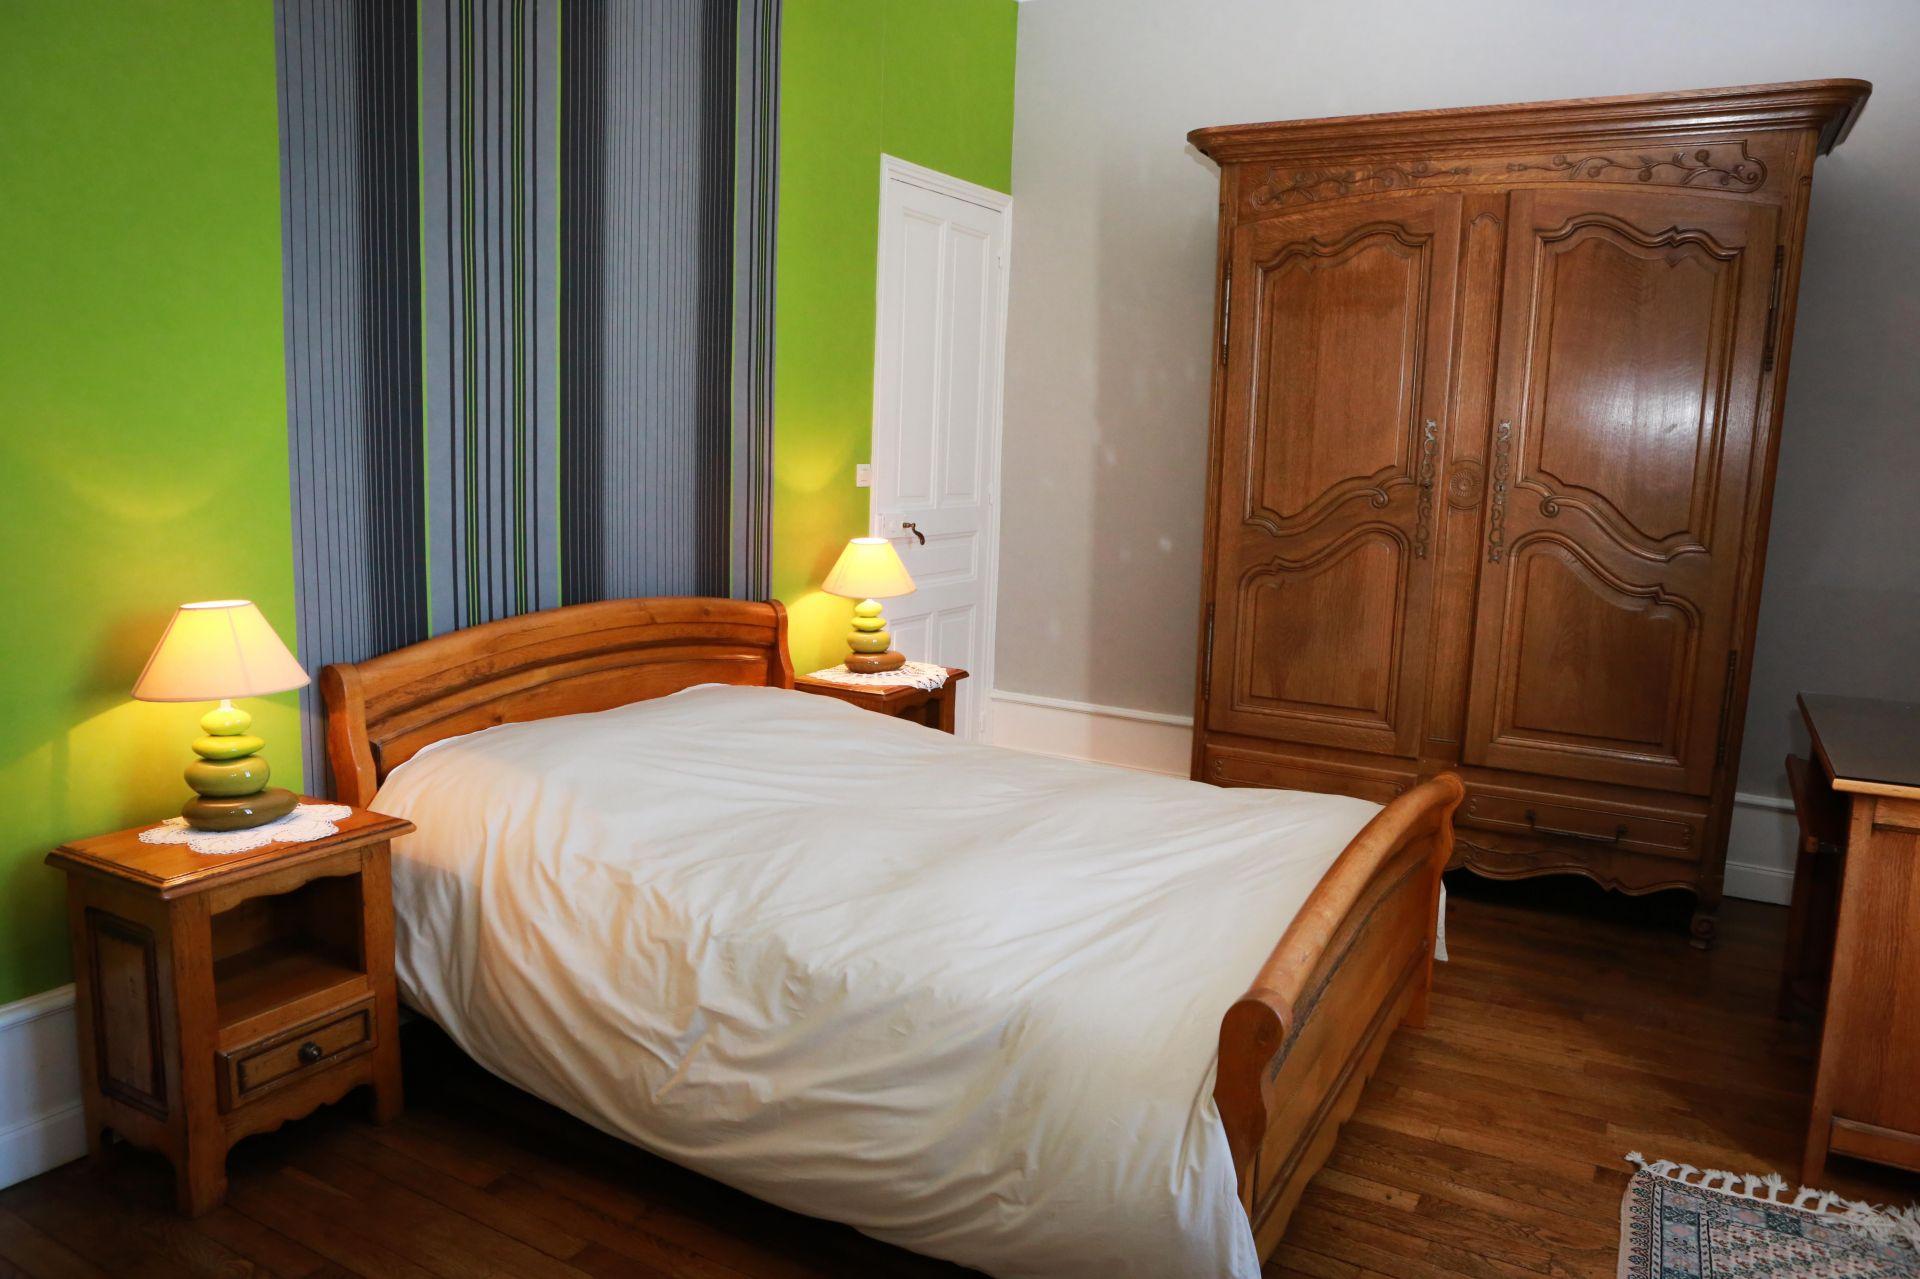 Chambres la drag e h te lorraine tourisme for Chambre hote 93